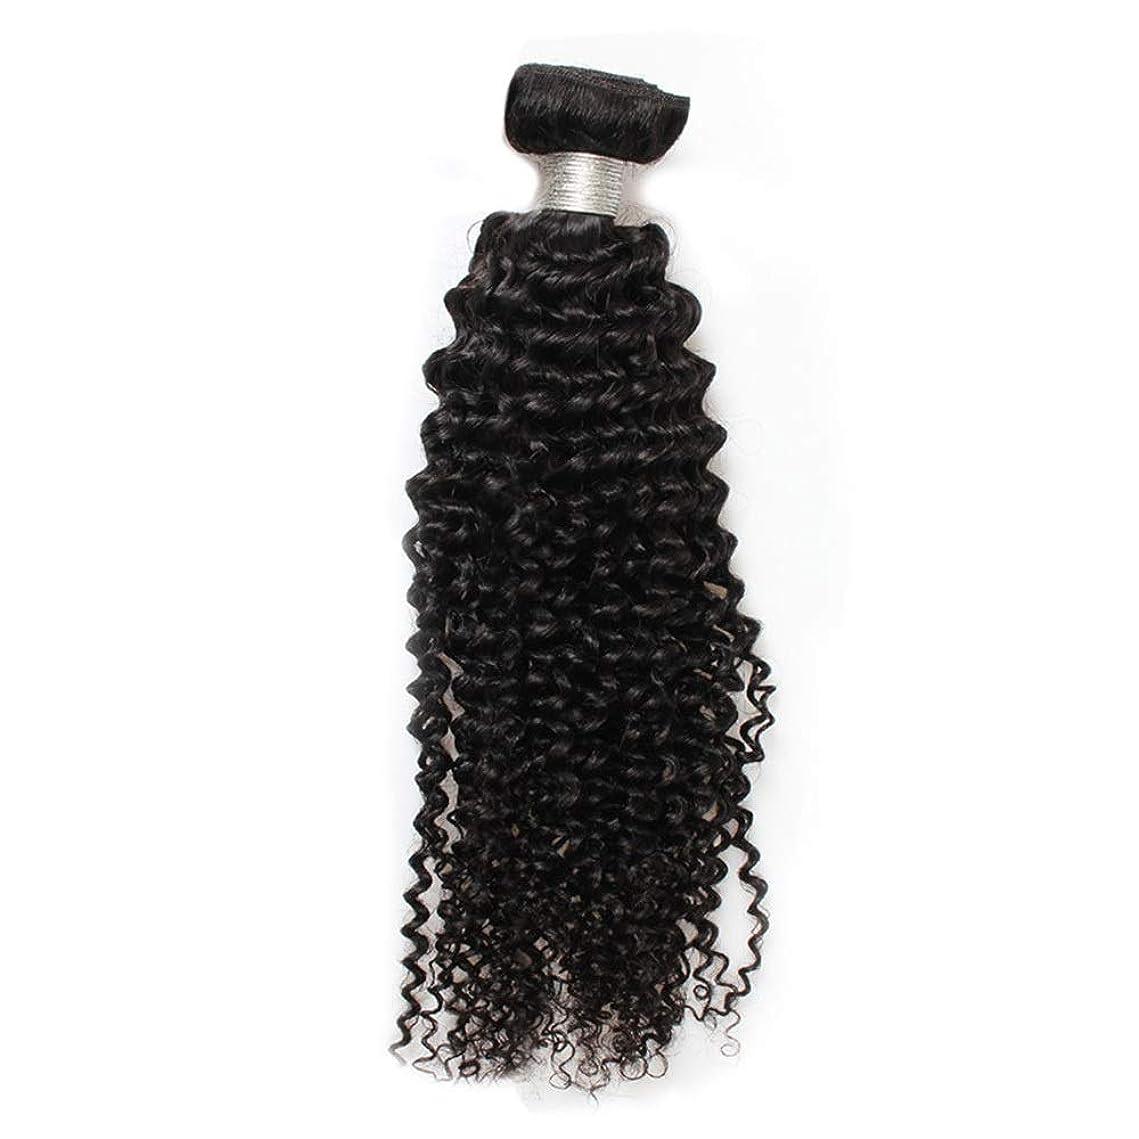 報いる折る一般的なBOBIDYEE 8aブラジル巻き毛バンドル人間の毛髪1バンドルナチュラルカラーロールプレイングかつら女性のかつら (色 : 黒, サイズ : 28 inch)